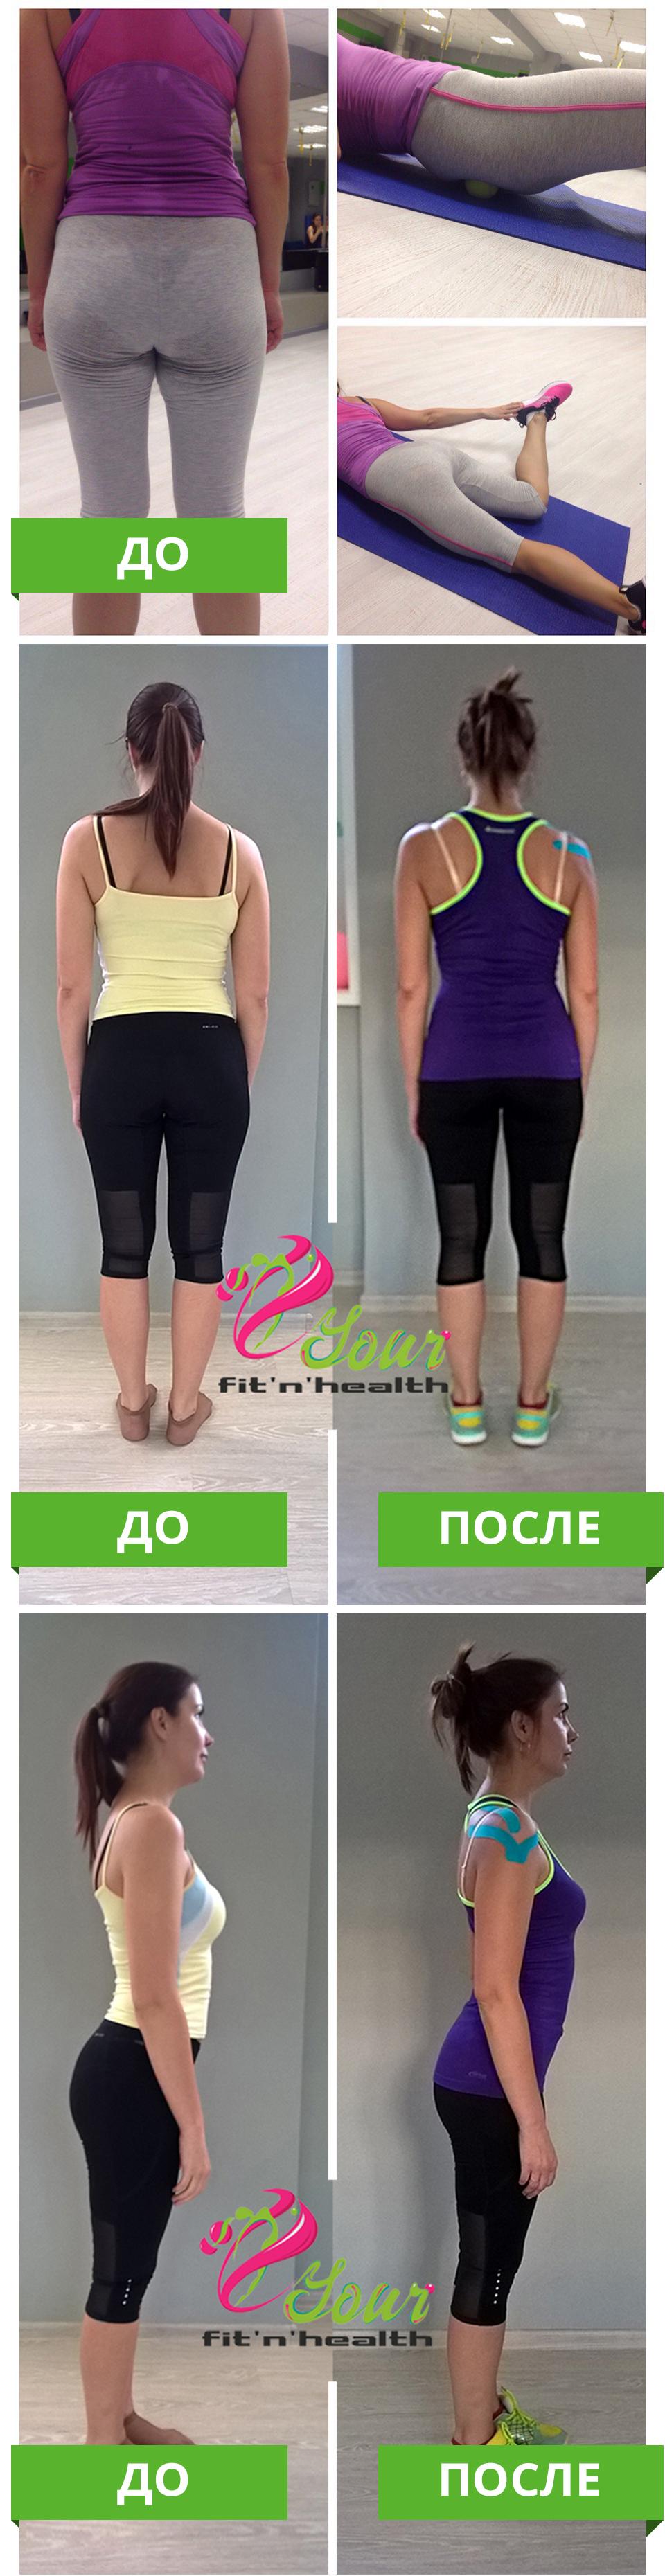 Фитнес - тестирование 960